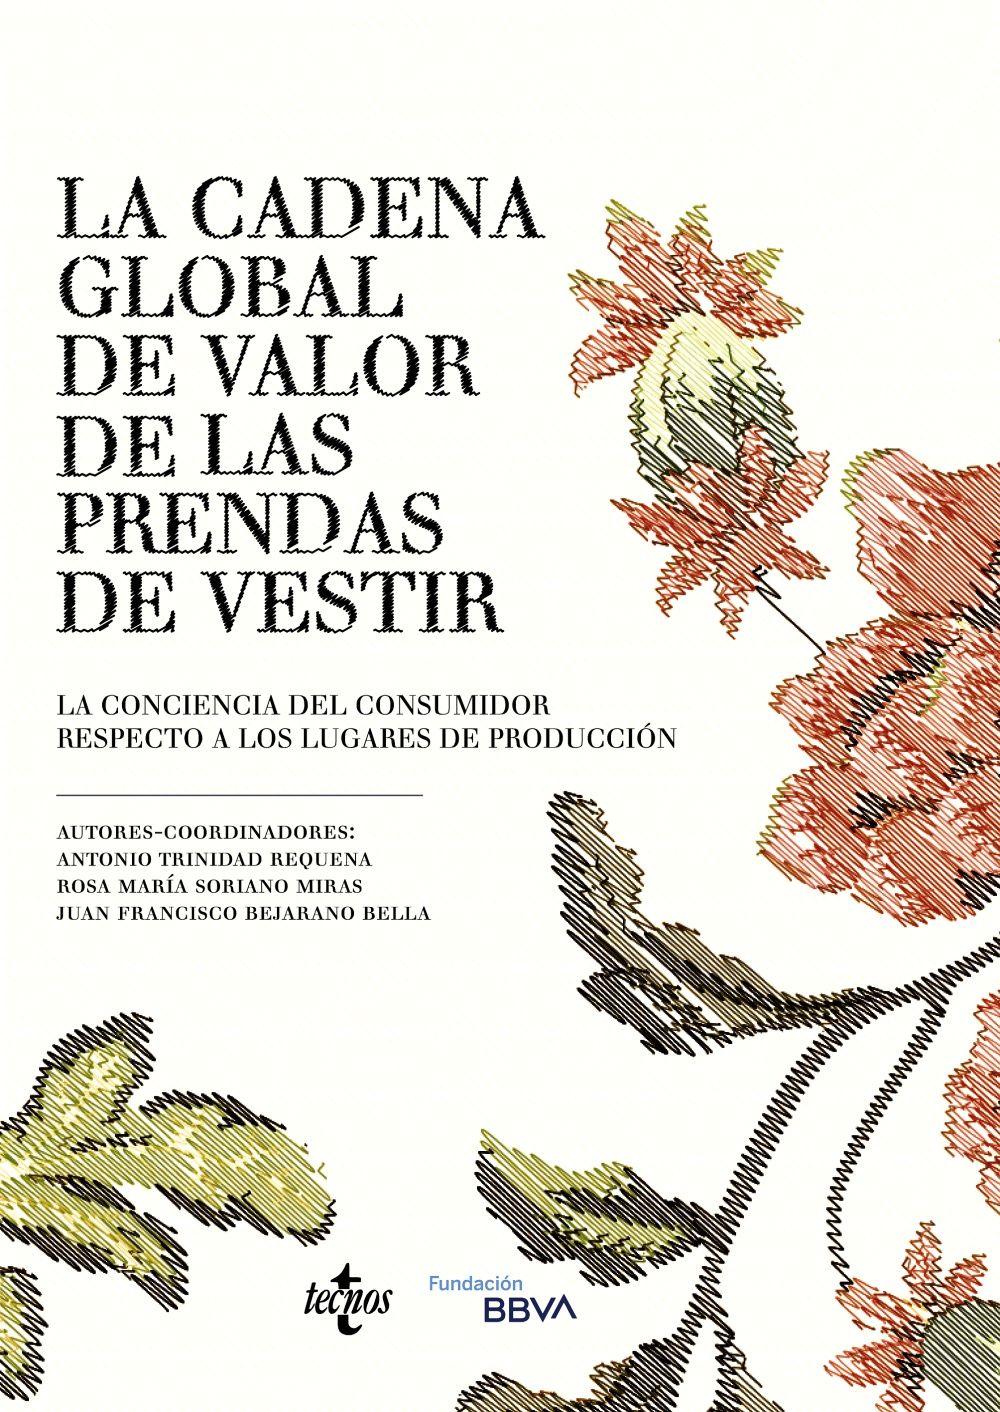 CADENA GLOBAL DE VALOR DE LAS PRENDAS DE VESTIR LA